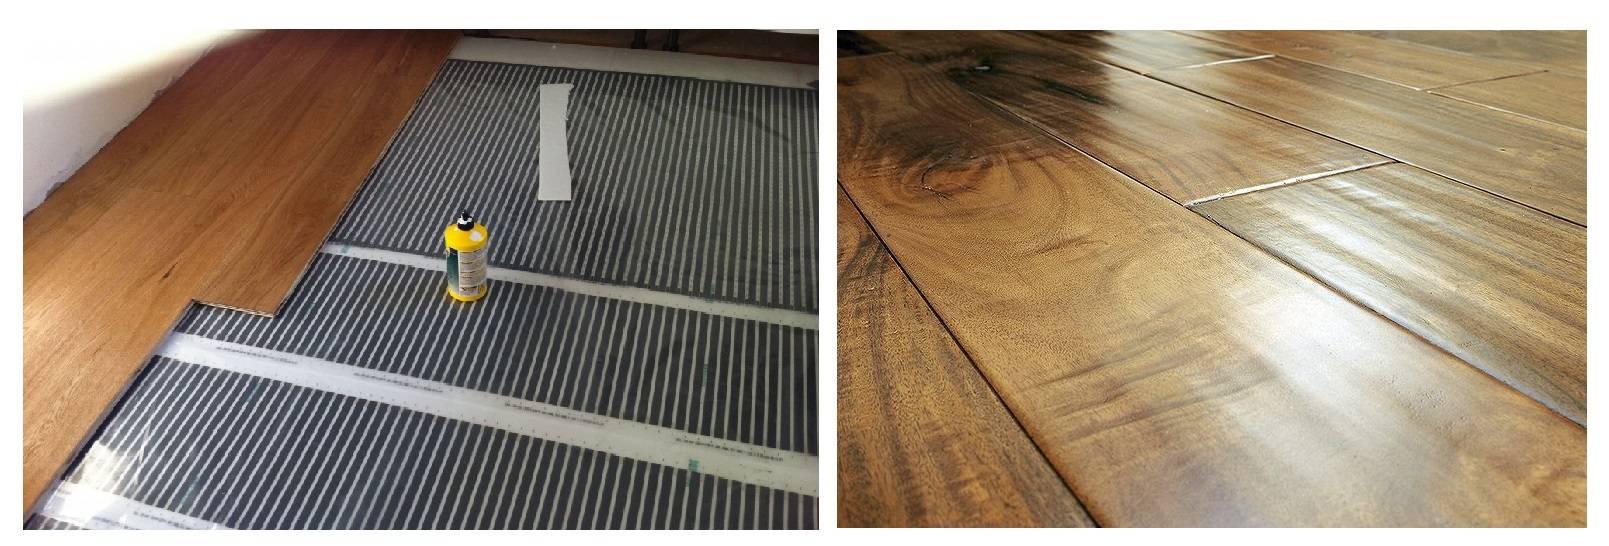 Электрический теплый пол под ламинат: какой лучше, монтаж и подключение